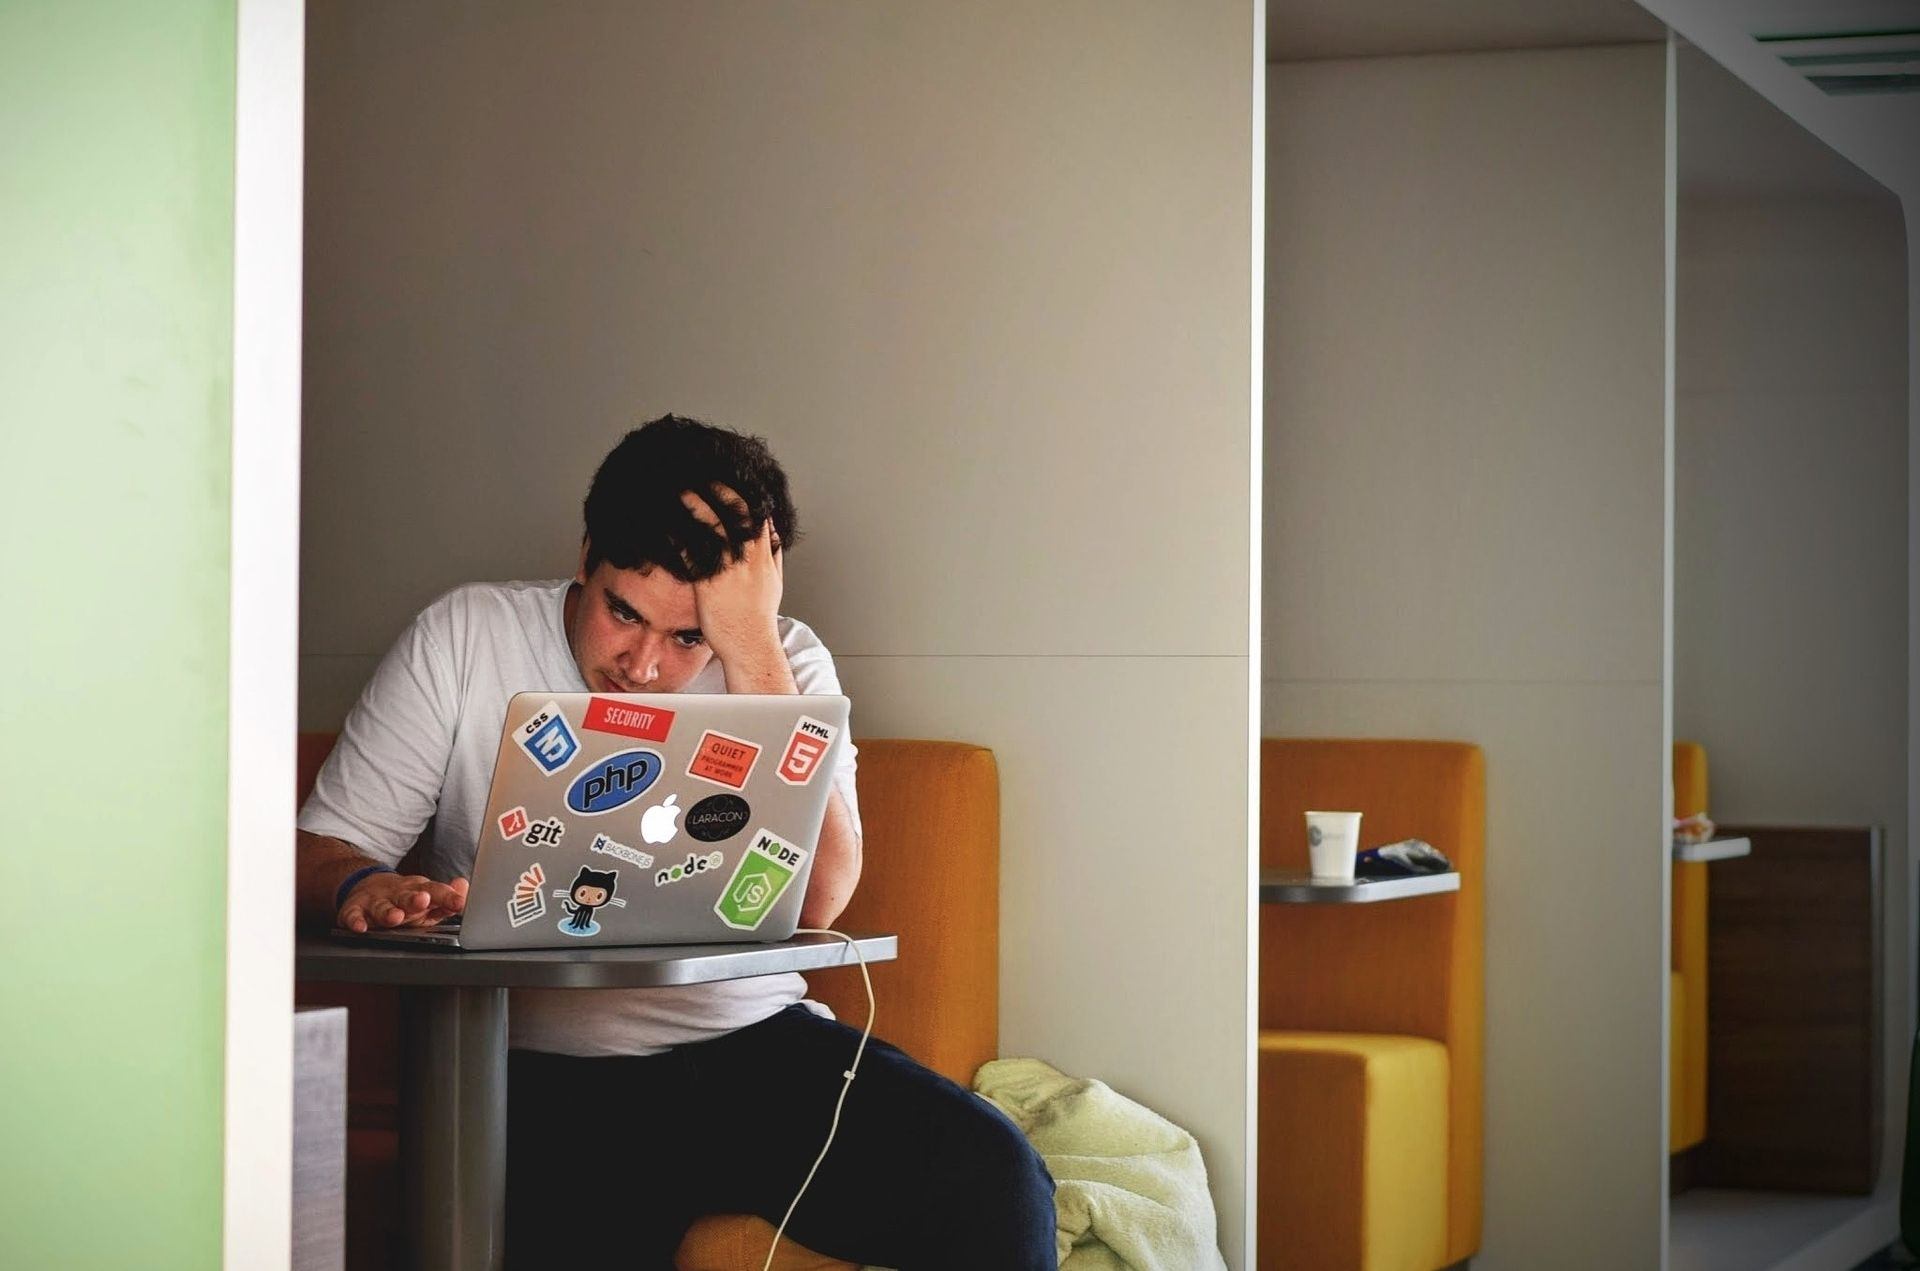 La Adicción A Internet Es Un Trastorno Conductual Que Nace A Partir De Un Abuso.